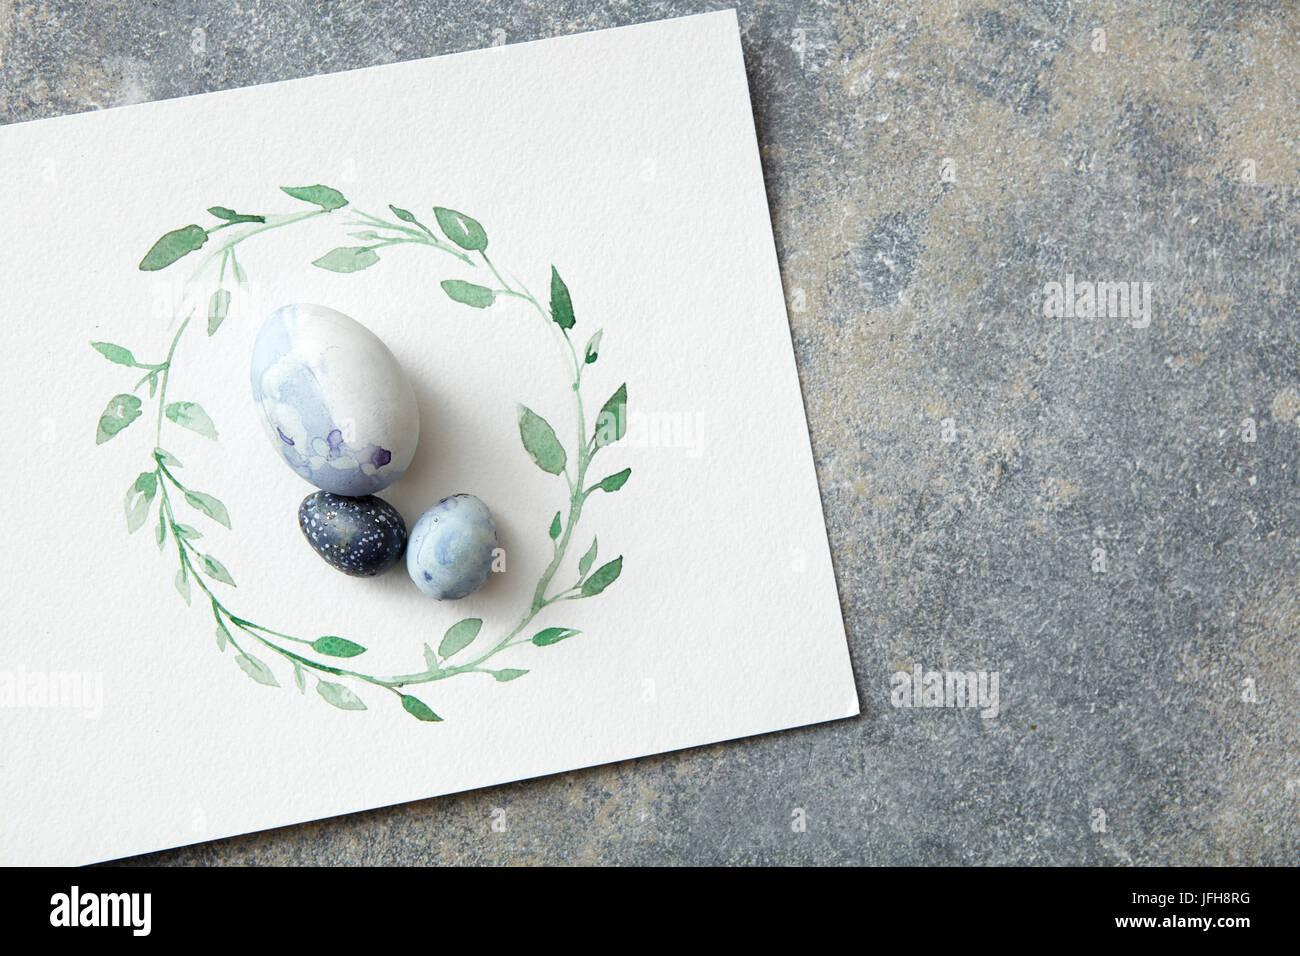 Los huevos de Pascua con hojas dibujadas a mano en papel Foto de stock